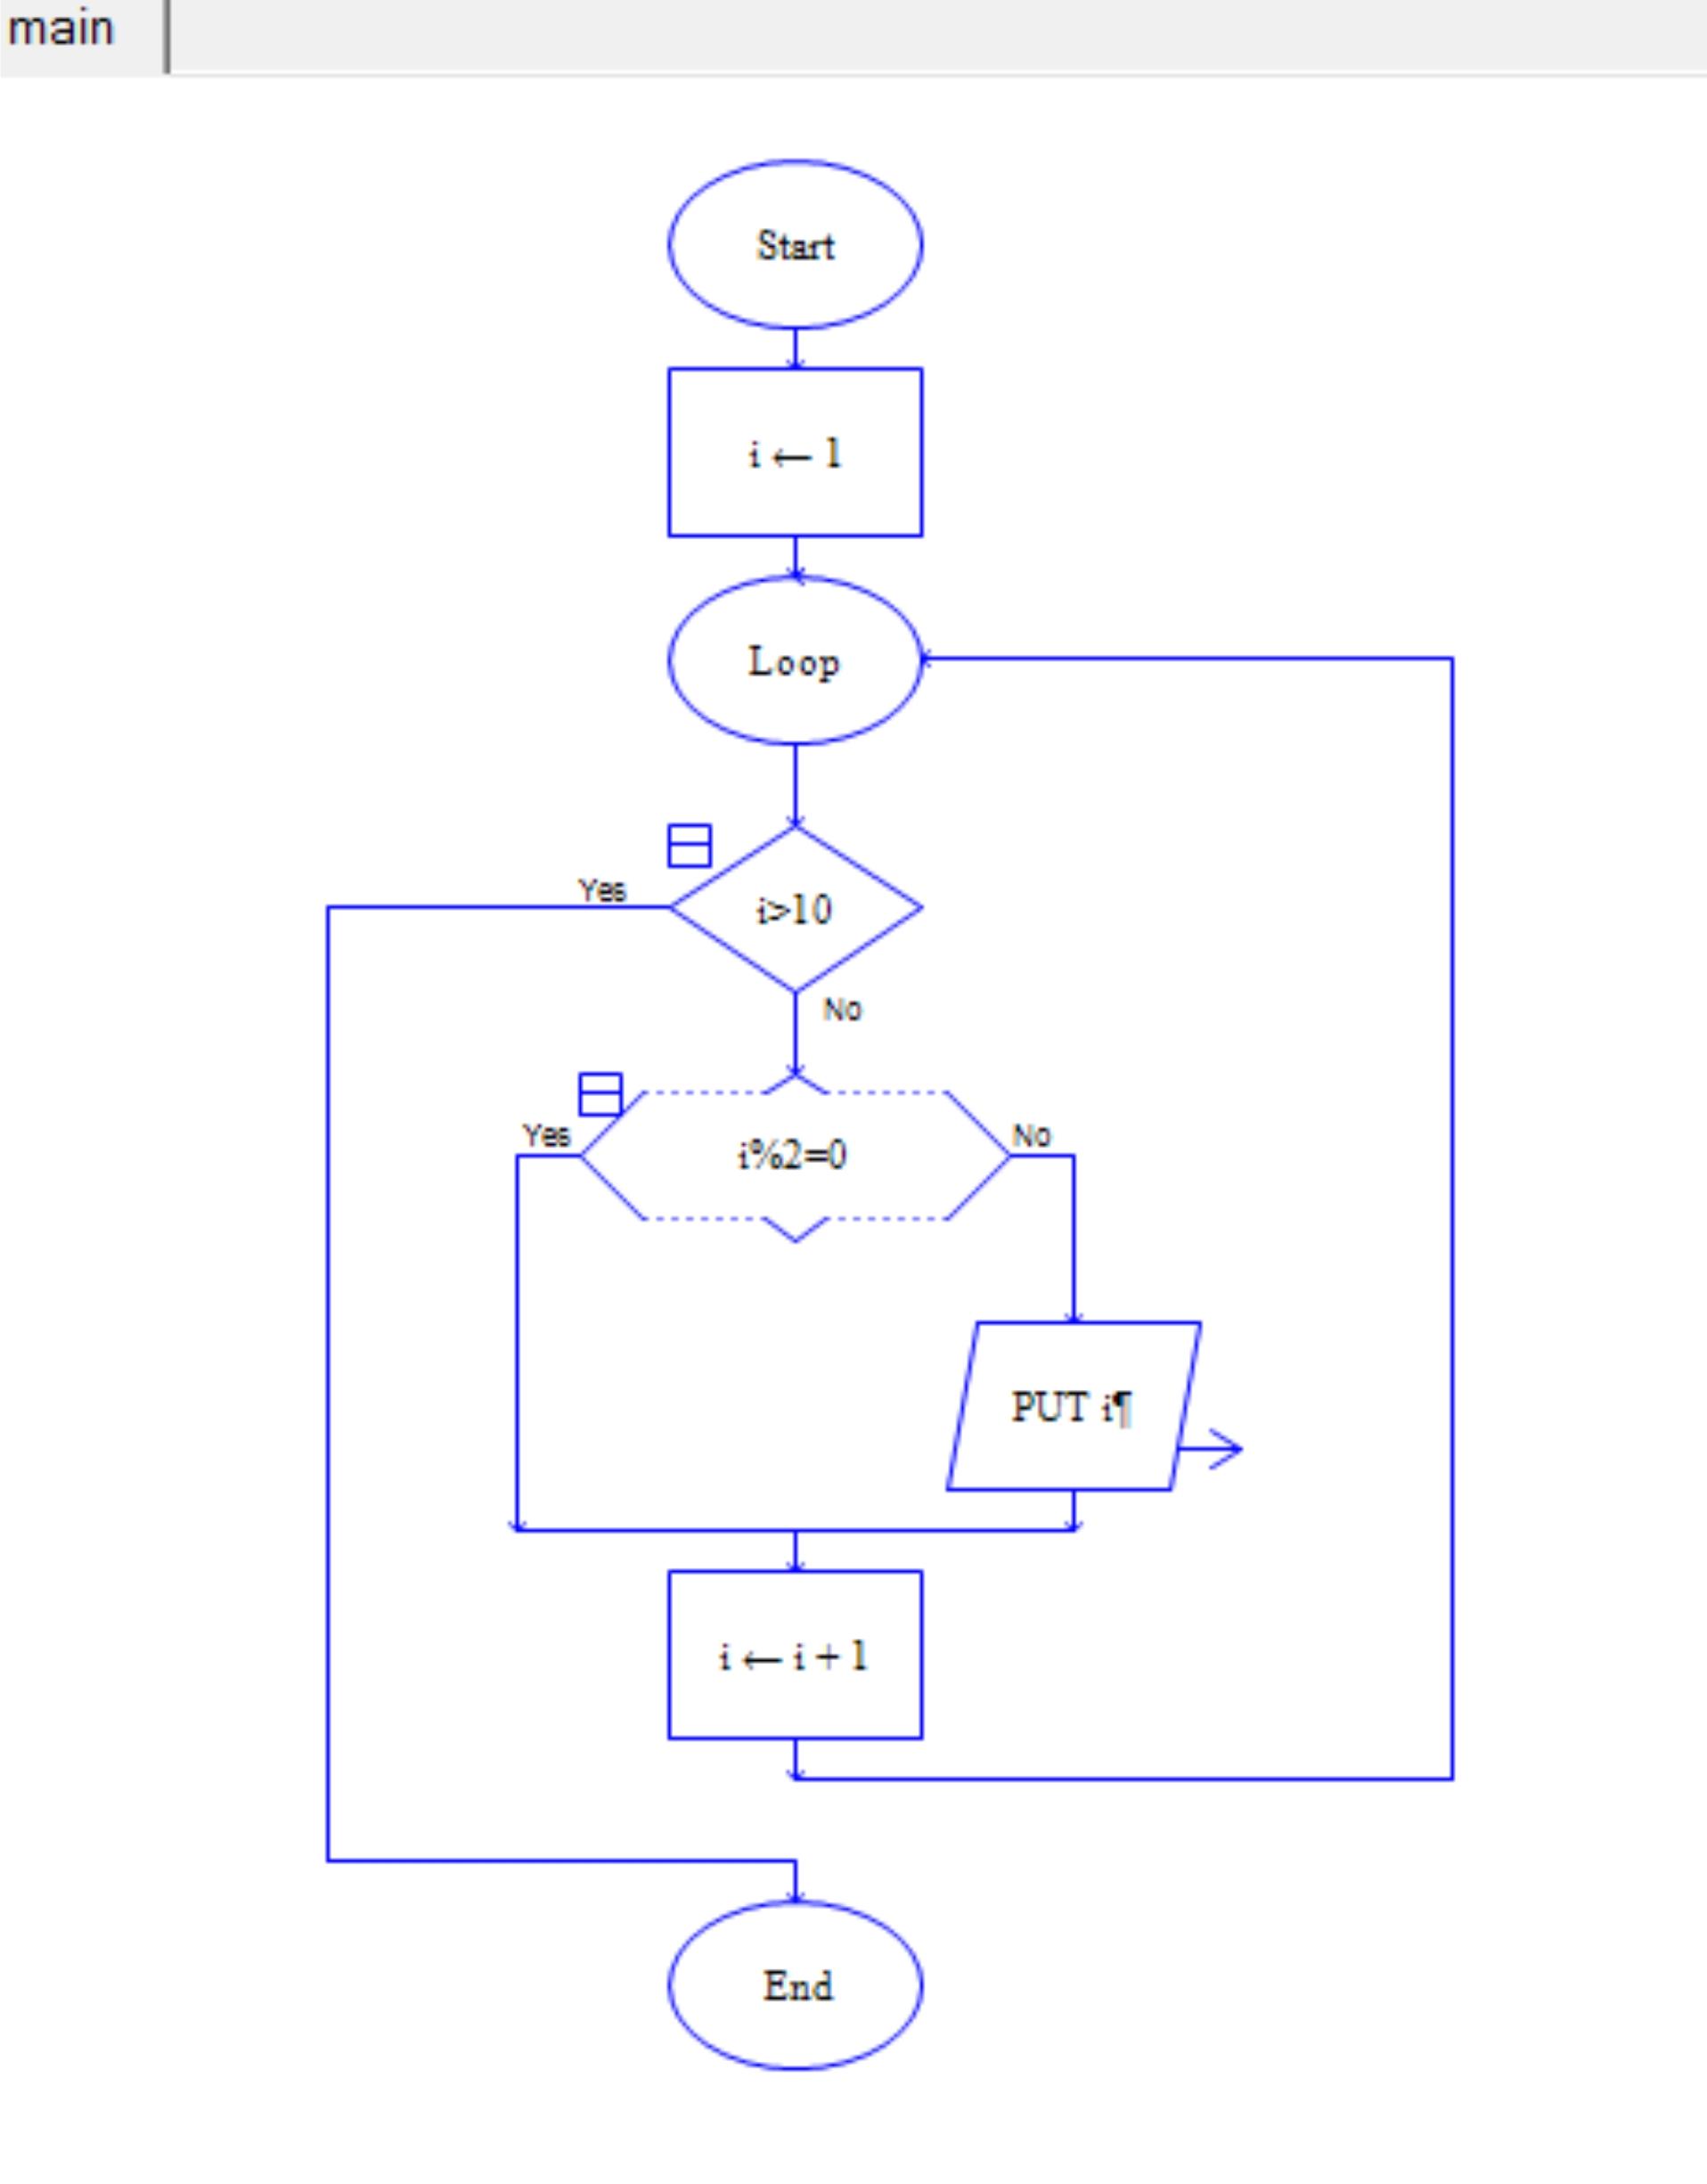 Contoh Flowchart Untuk Mencetak Bilangan Ganjil Dari 0 Sampai 10